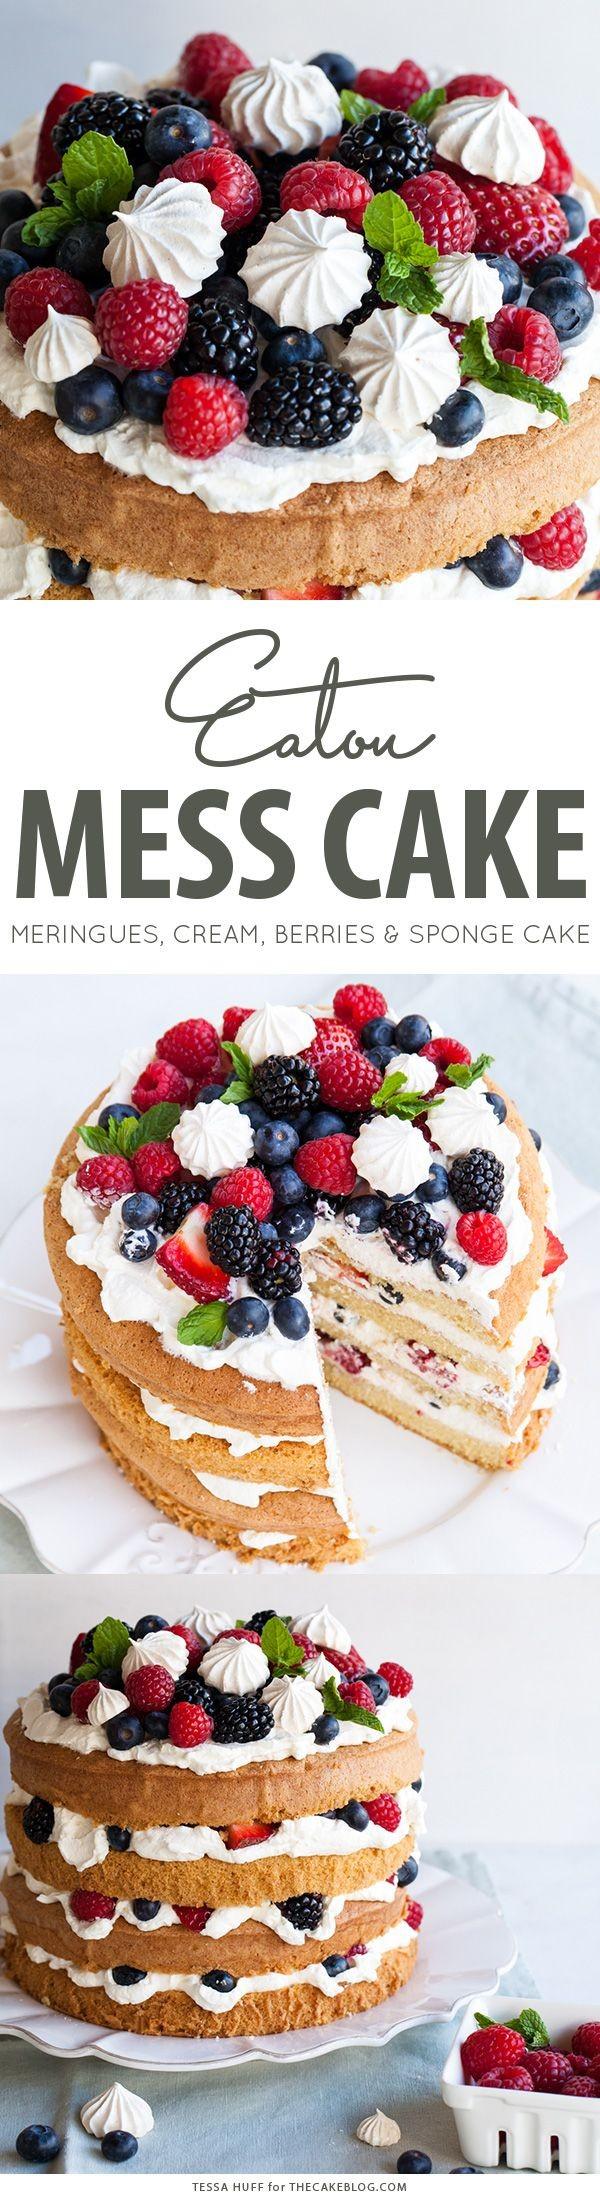 Get the recipe Meringues Cream Berries and Sponge Cake @recipes_to_go